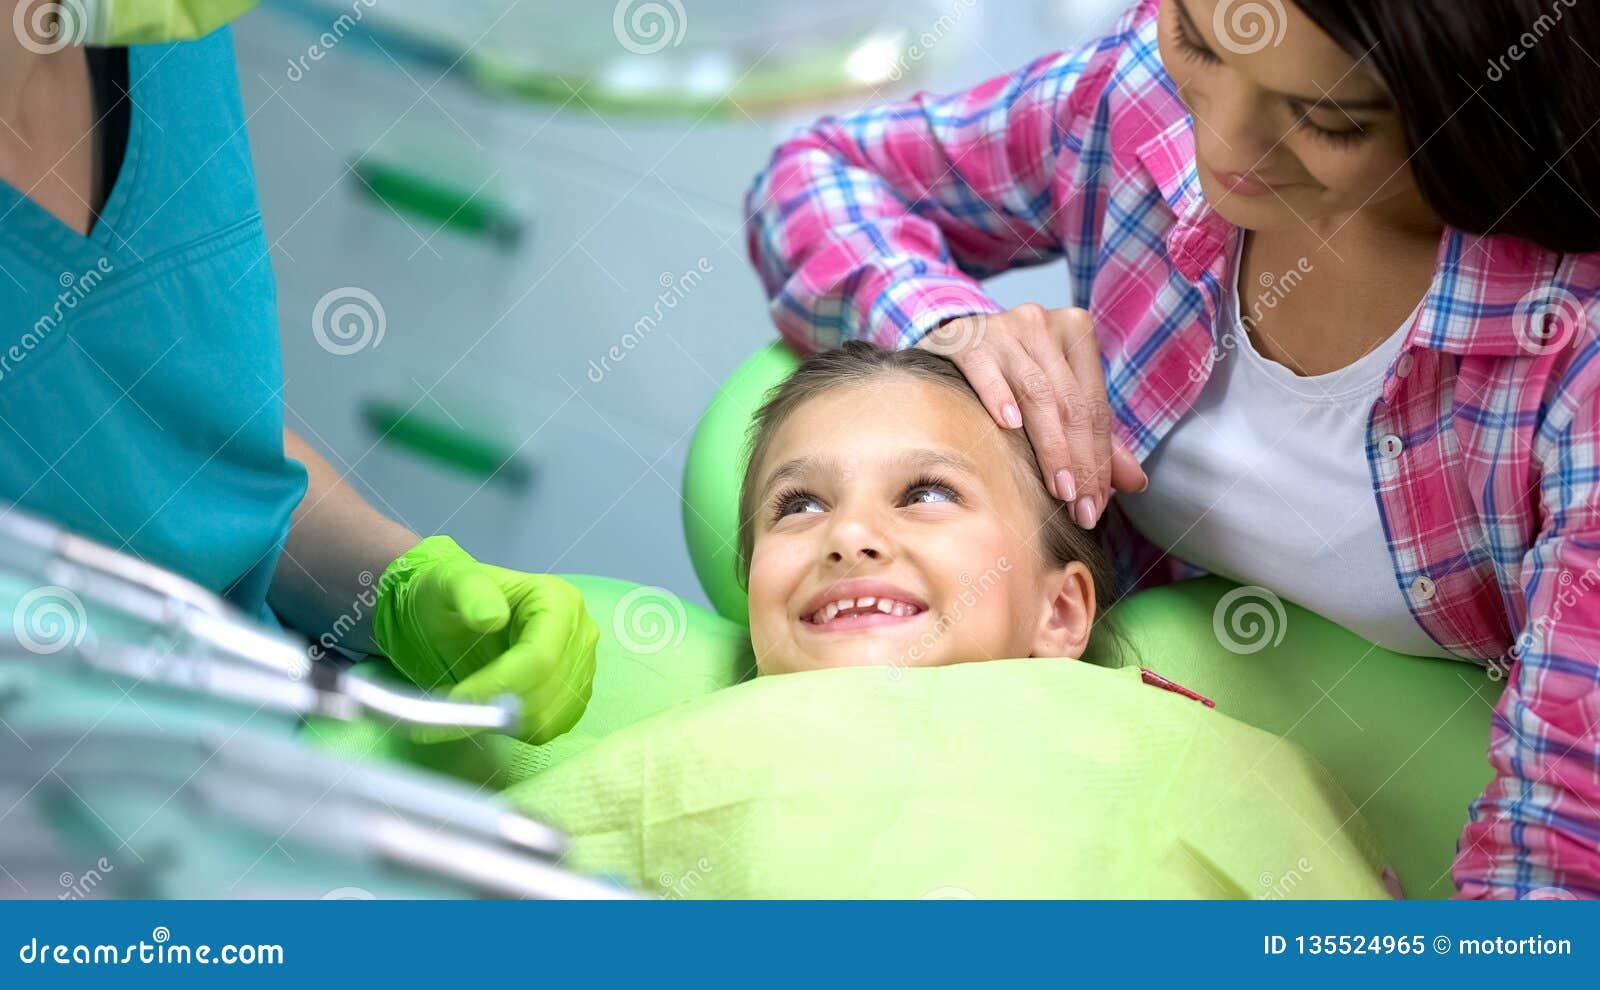 Dentista que visita sonriente de la muchacha preescolar, ningún miedo después del procedimiento, odontología de los niños